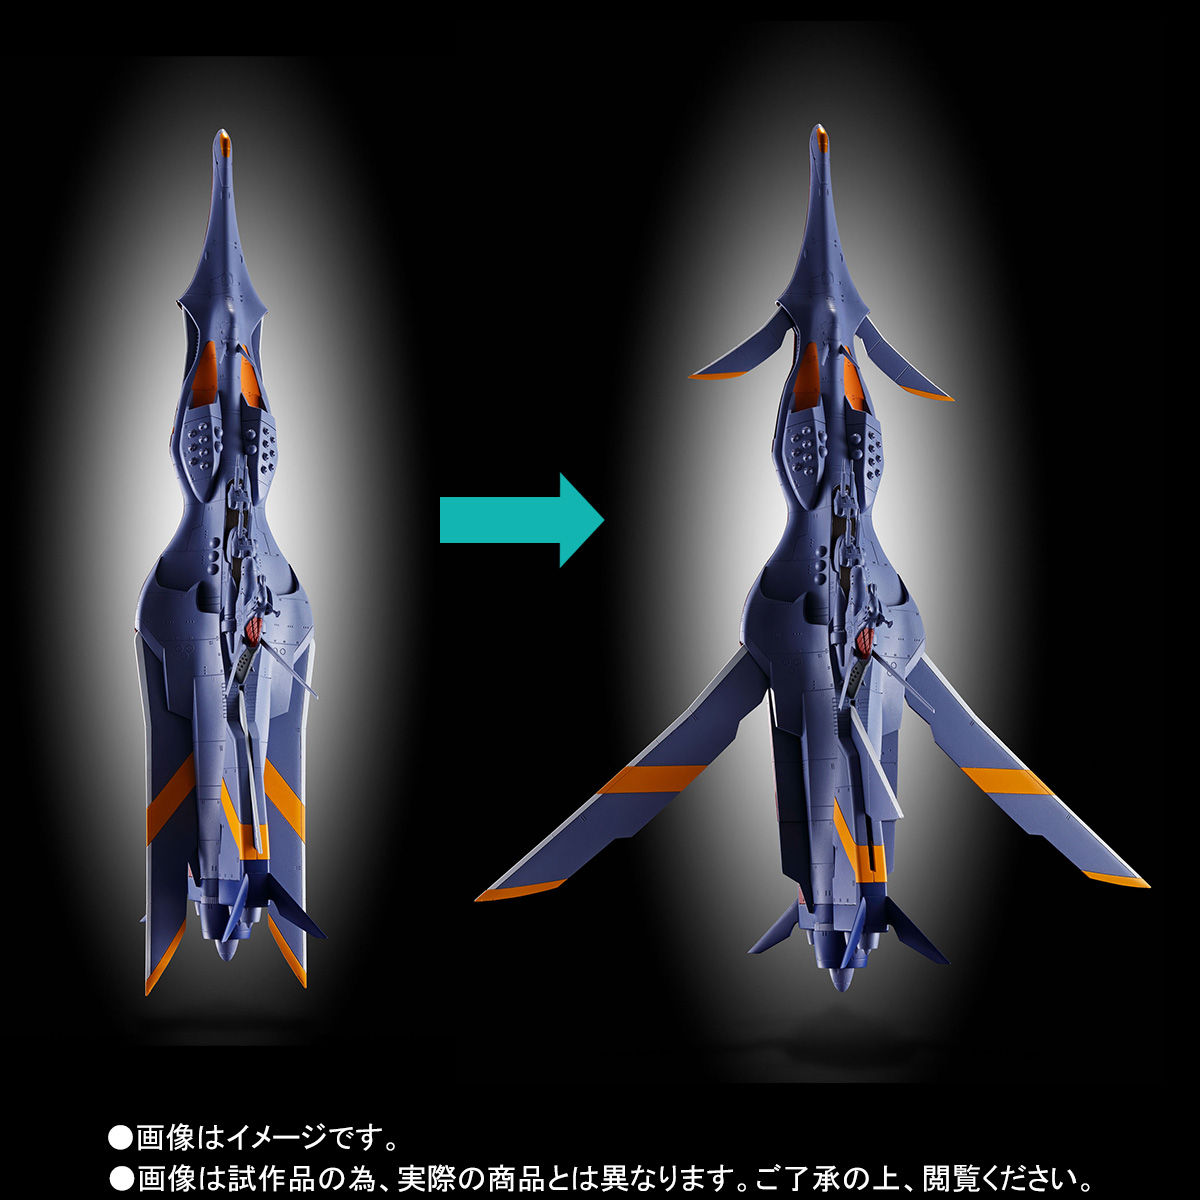 超合金魂 GX-80 万能戦艦 Ν-ノーチラス号(通常版)-006